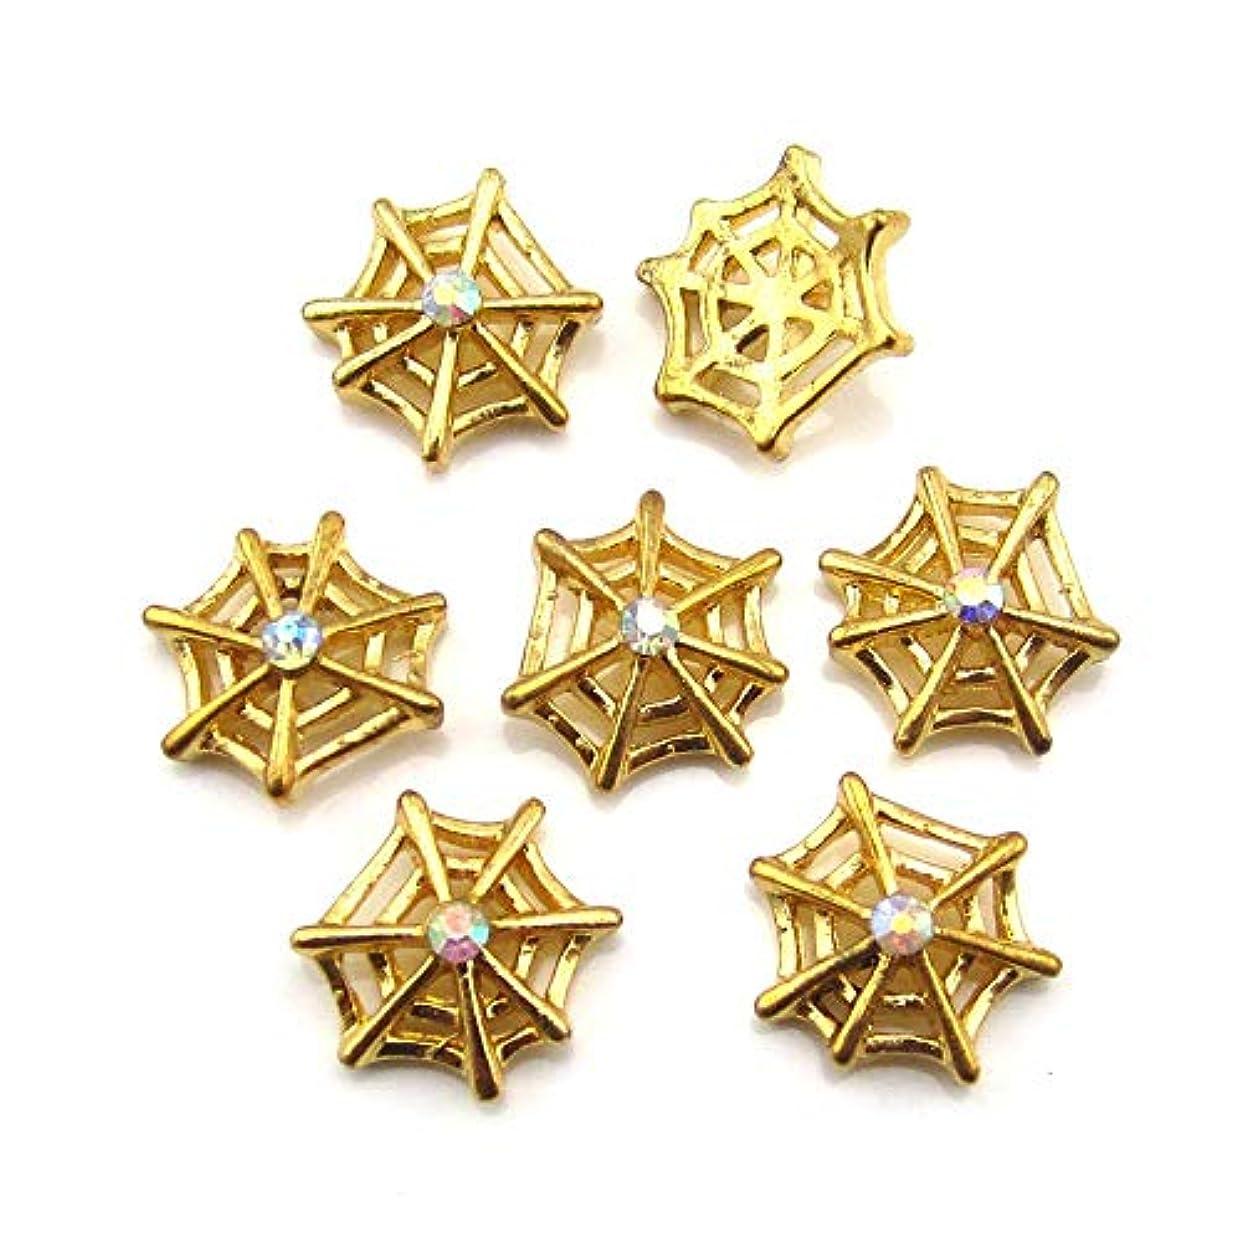 降下甘味予報3Dネイルアートの装飾合金10個入りゴールドスパイダーネットを